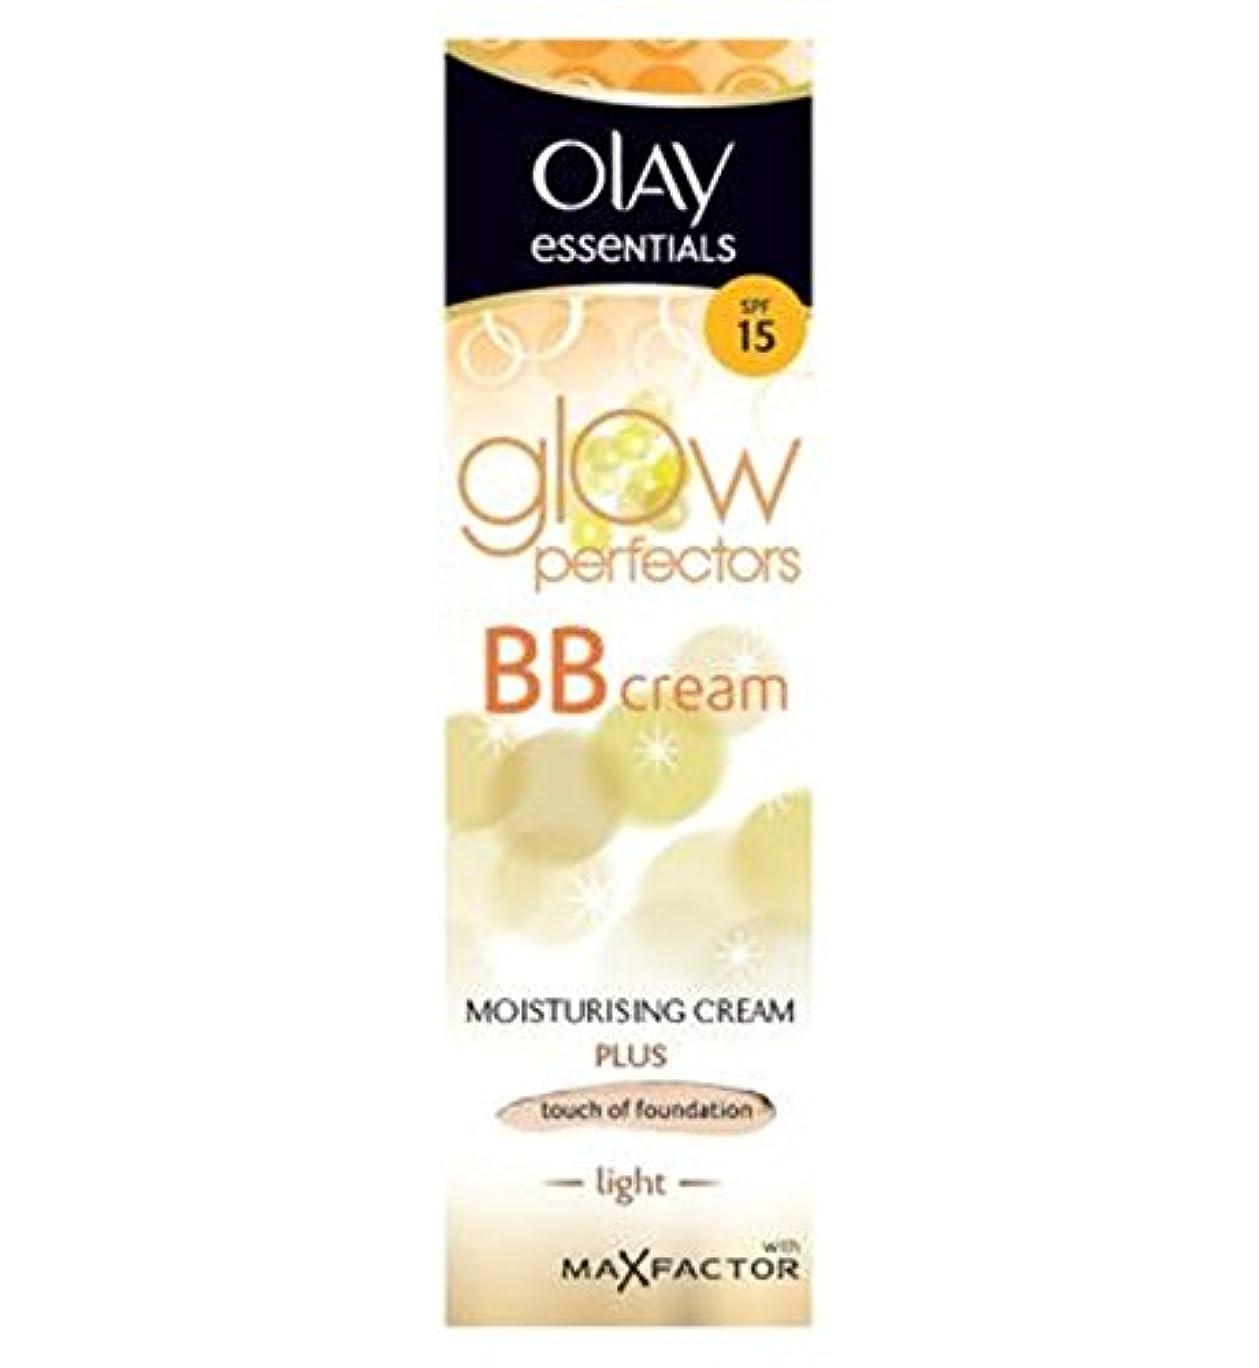 契約八形成Olay Complete BB Cream SPF15 Skin Perfecting Tinted Moisturiser 50ml - Fair - 着色保湿50ミリリットルを完成オーレイ完全なBbクリームSpf15...